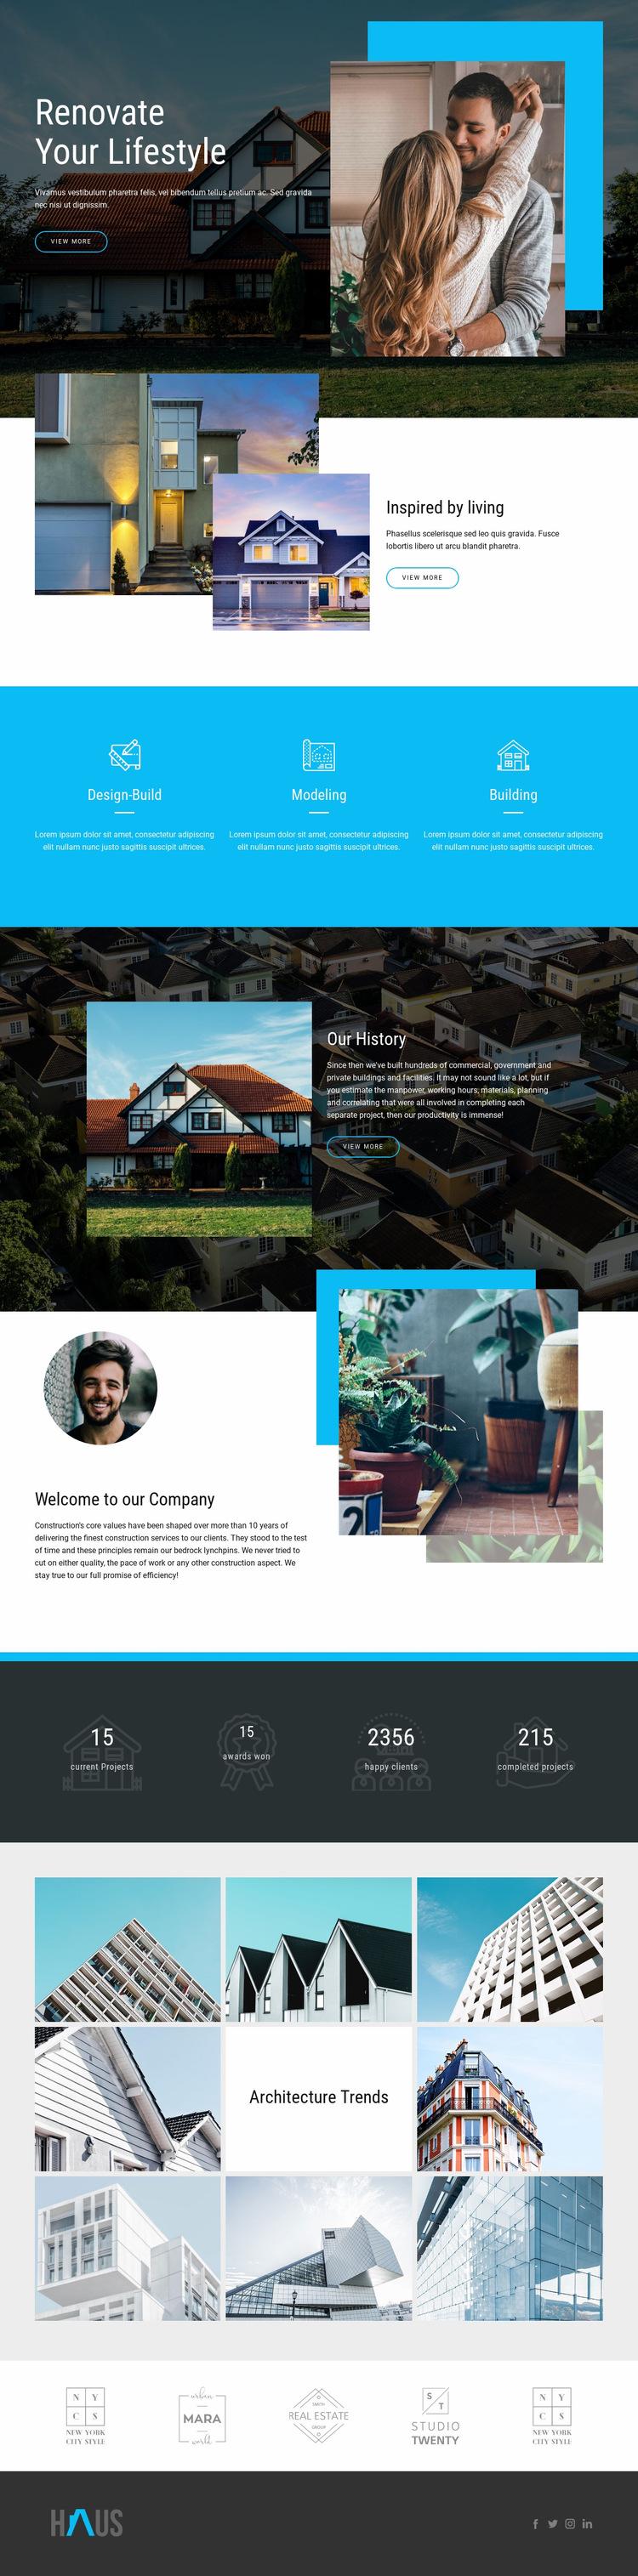 Renovate real estate Web Page Design